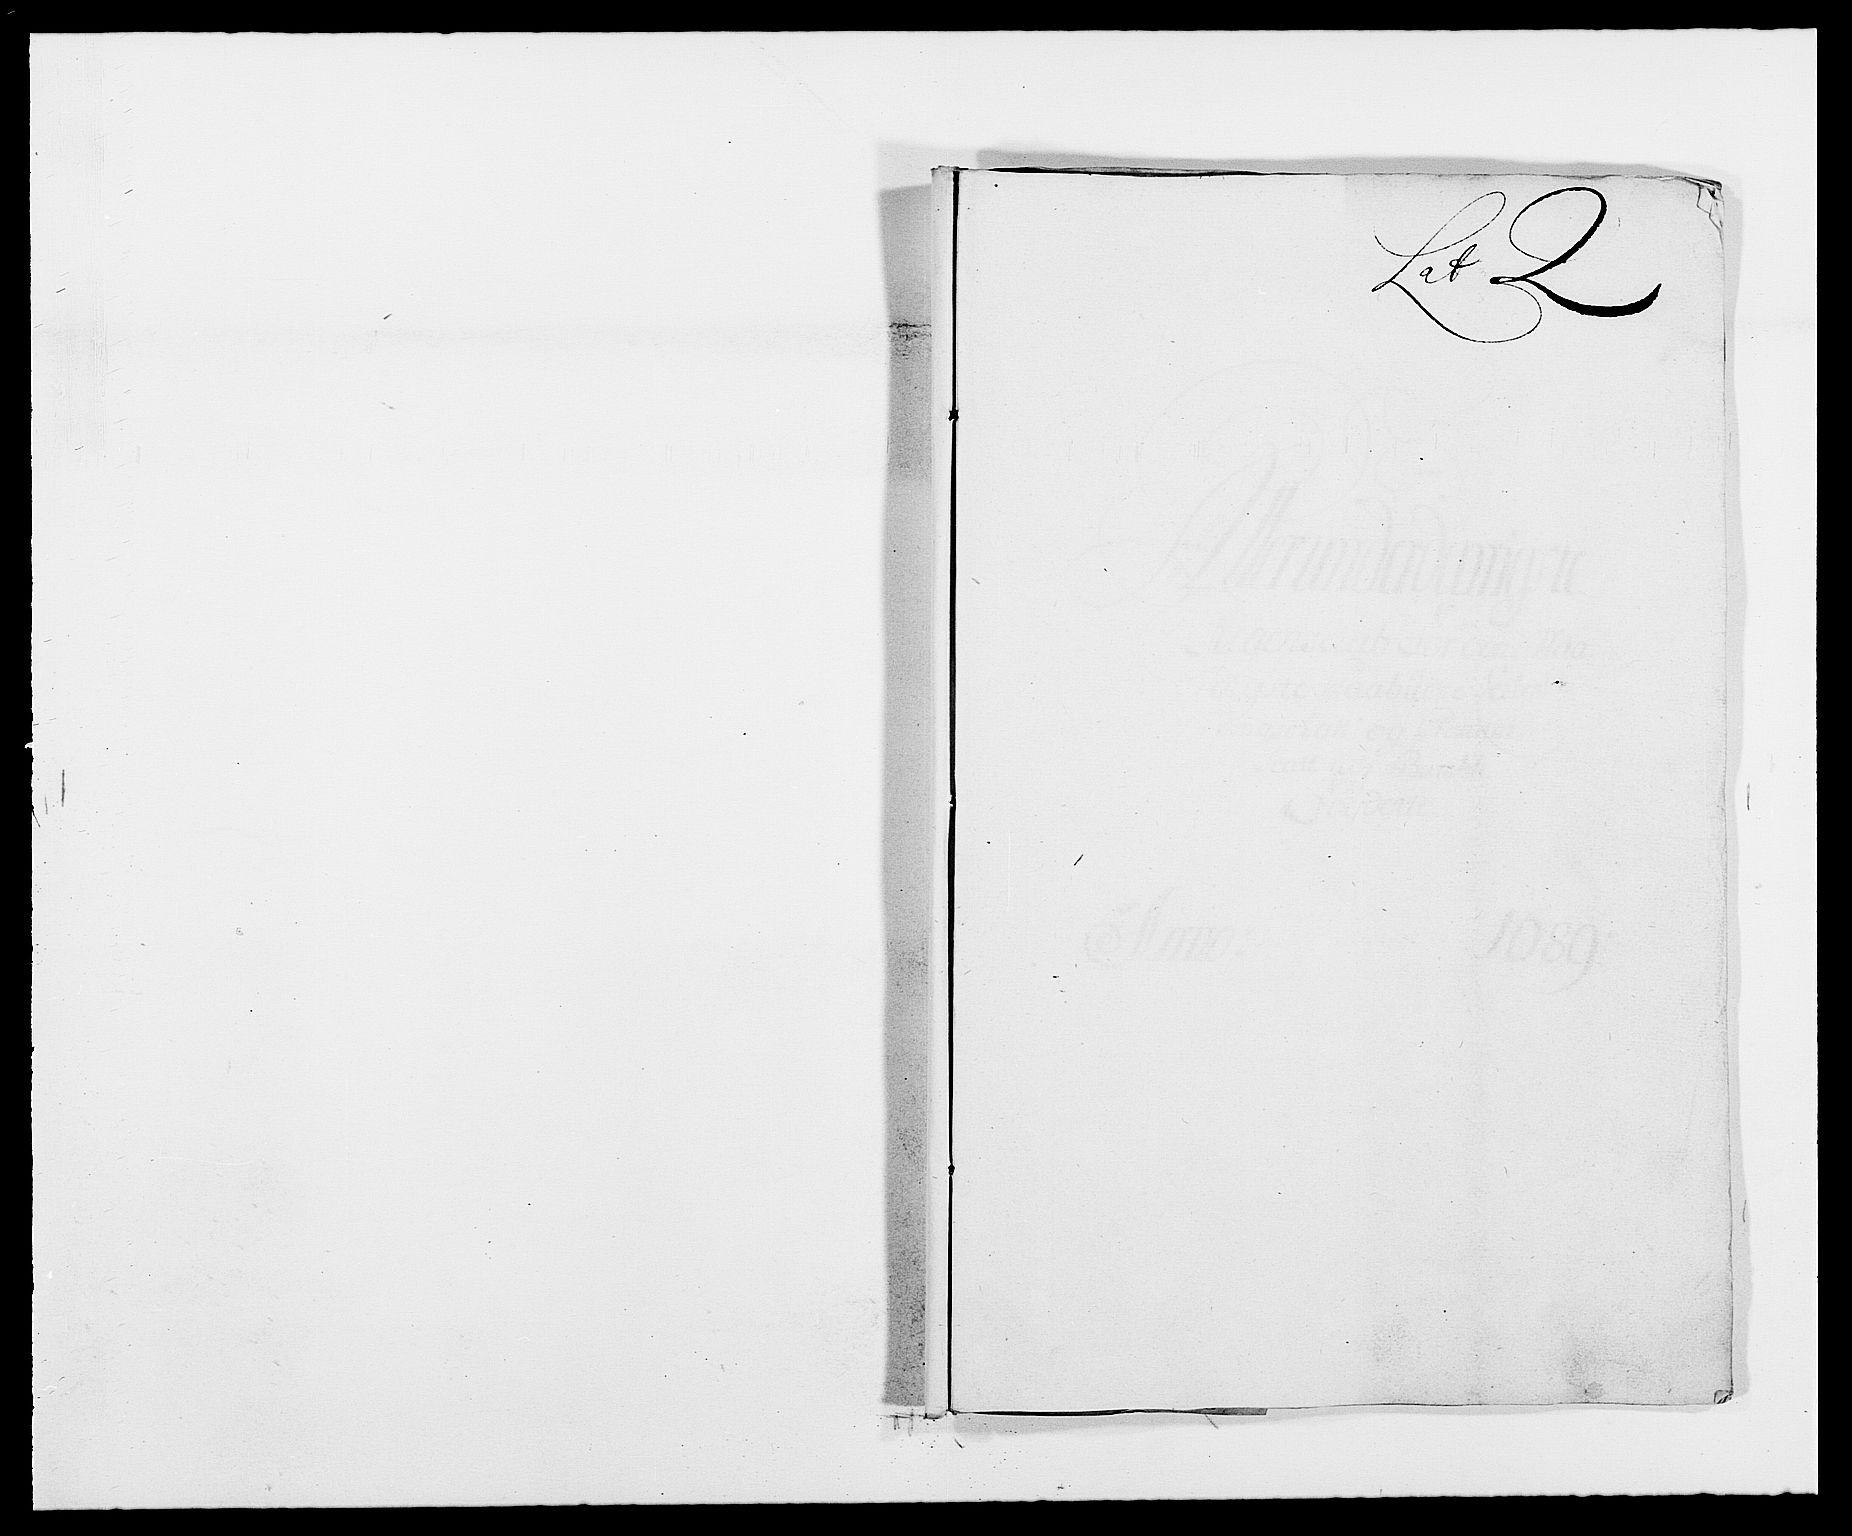 RA, Rentekammeret inntil 1814, Reviderte regnskaper, Fogderegnskap, R34/L2050: Fogderegnskap Bamble, 1688-1691, s. 271